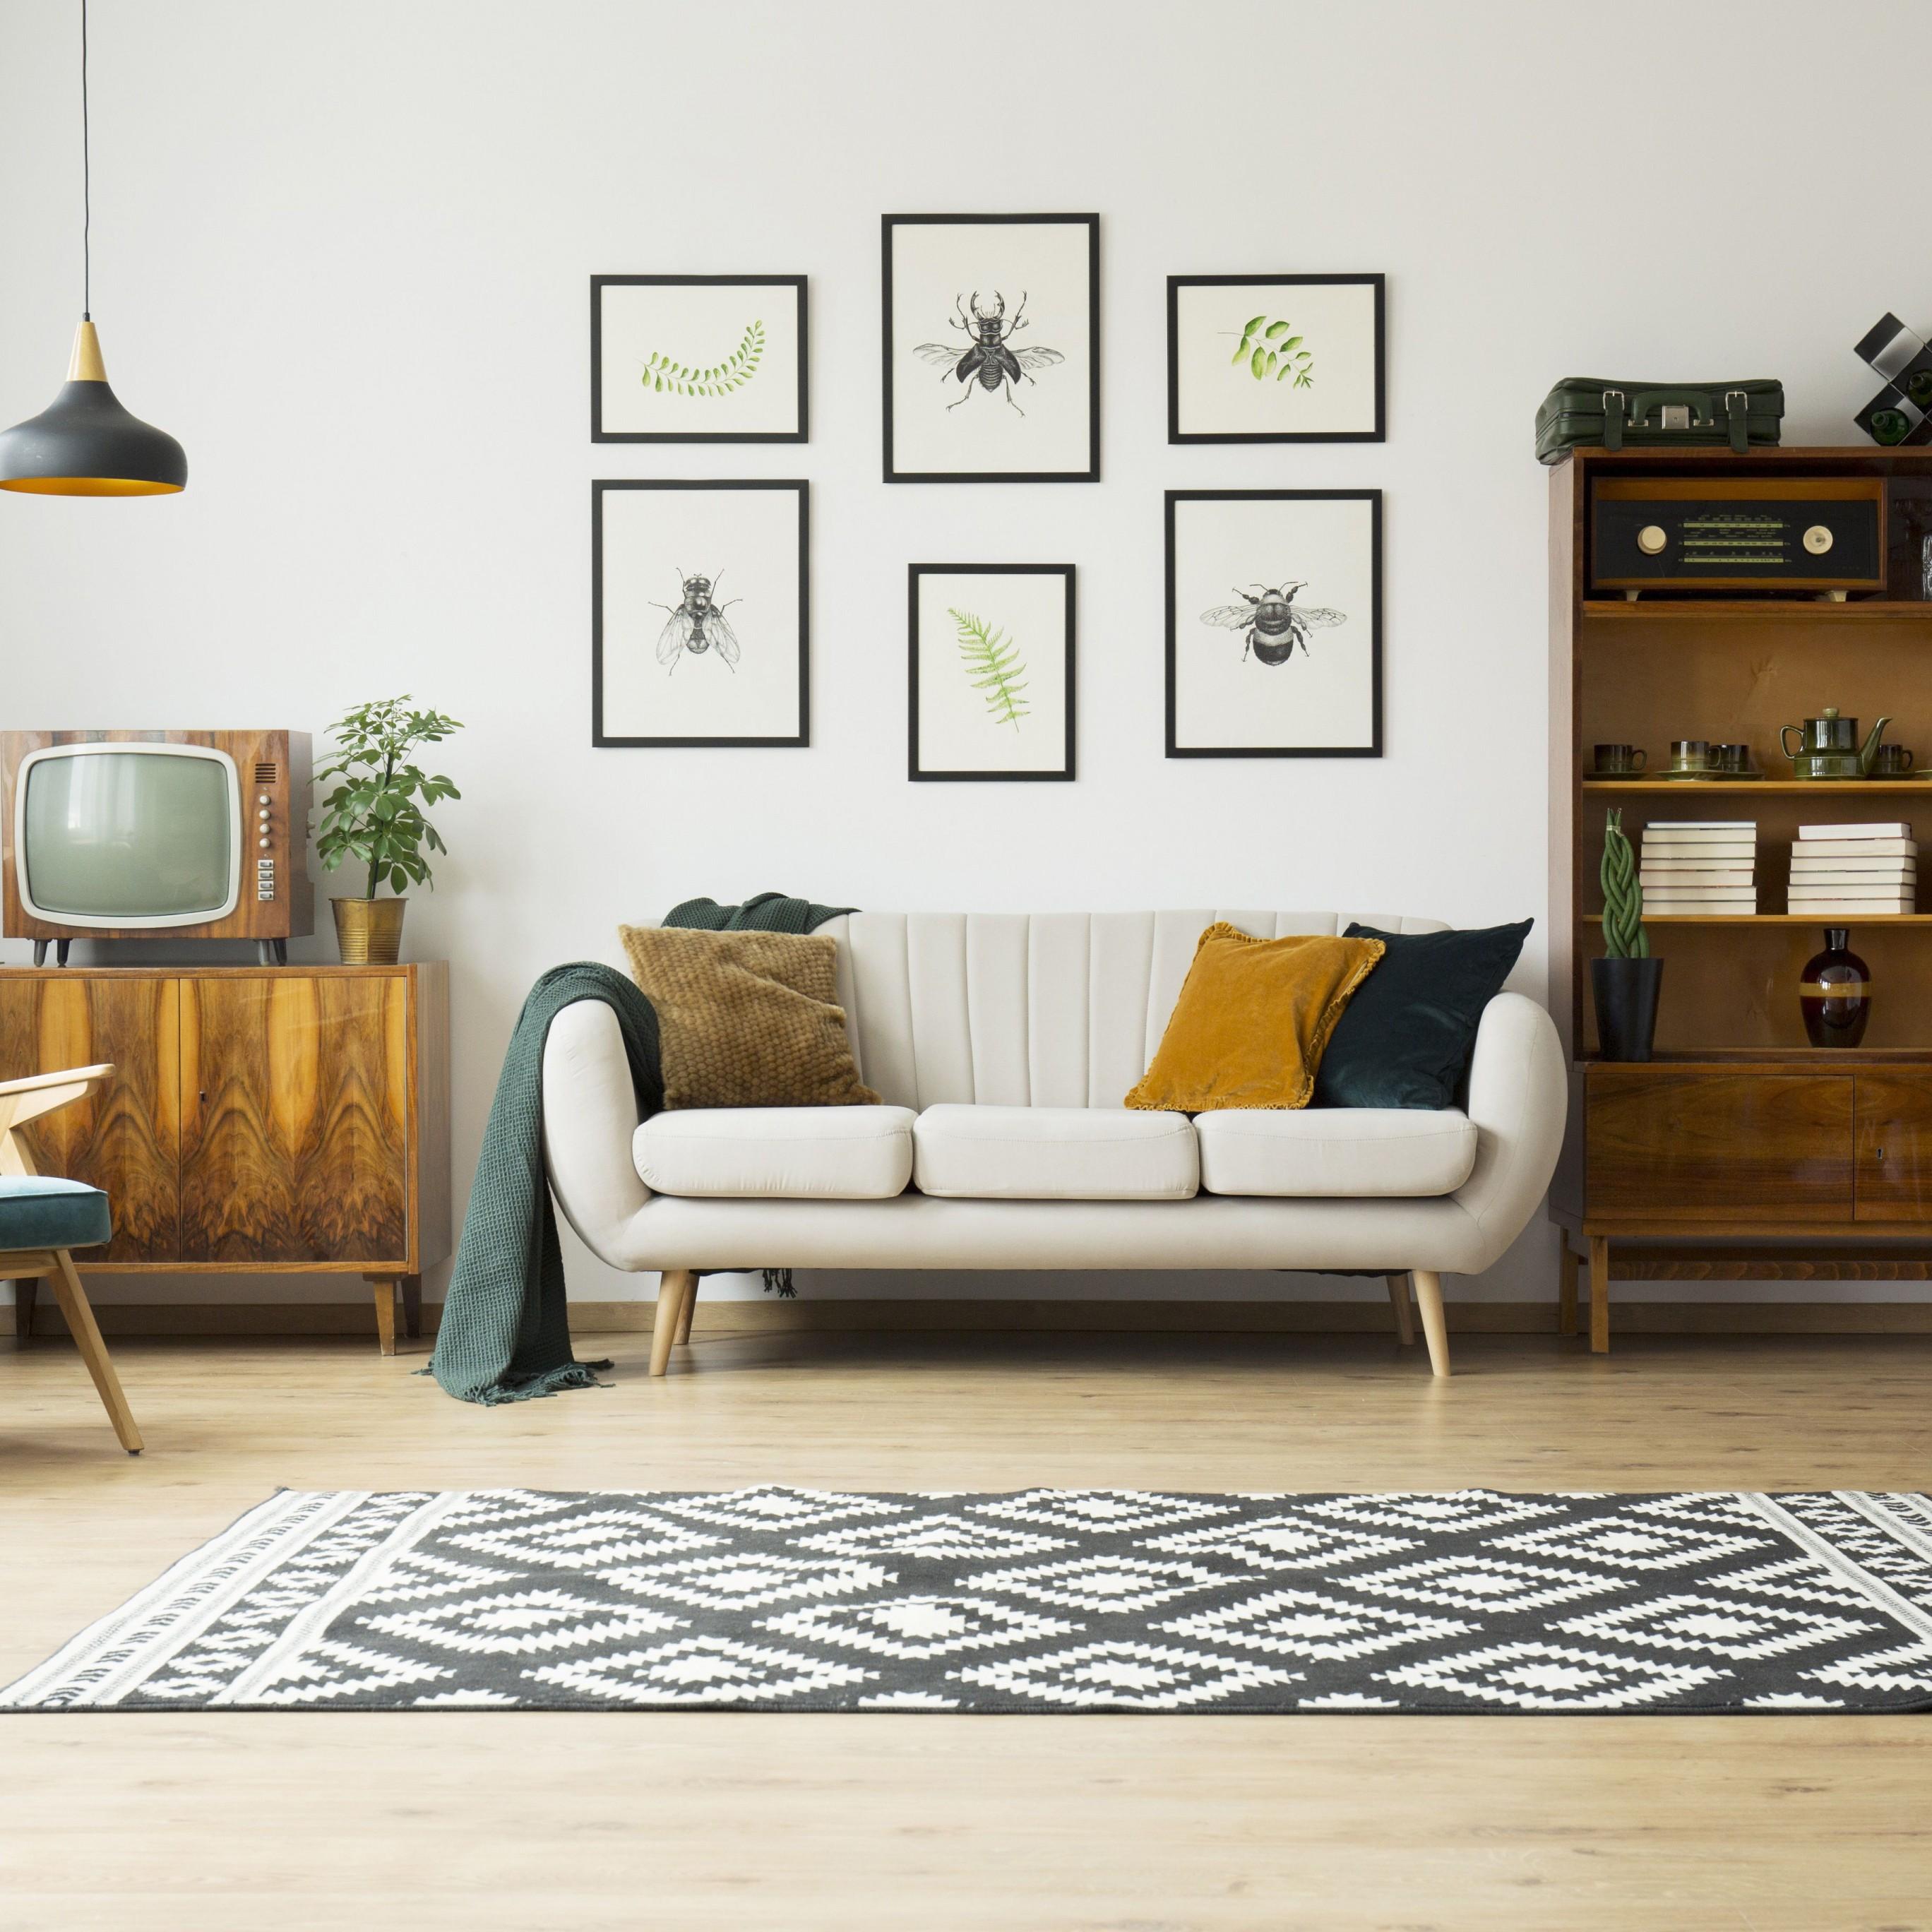 antique furniture image